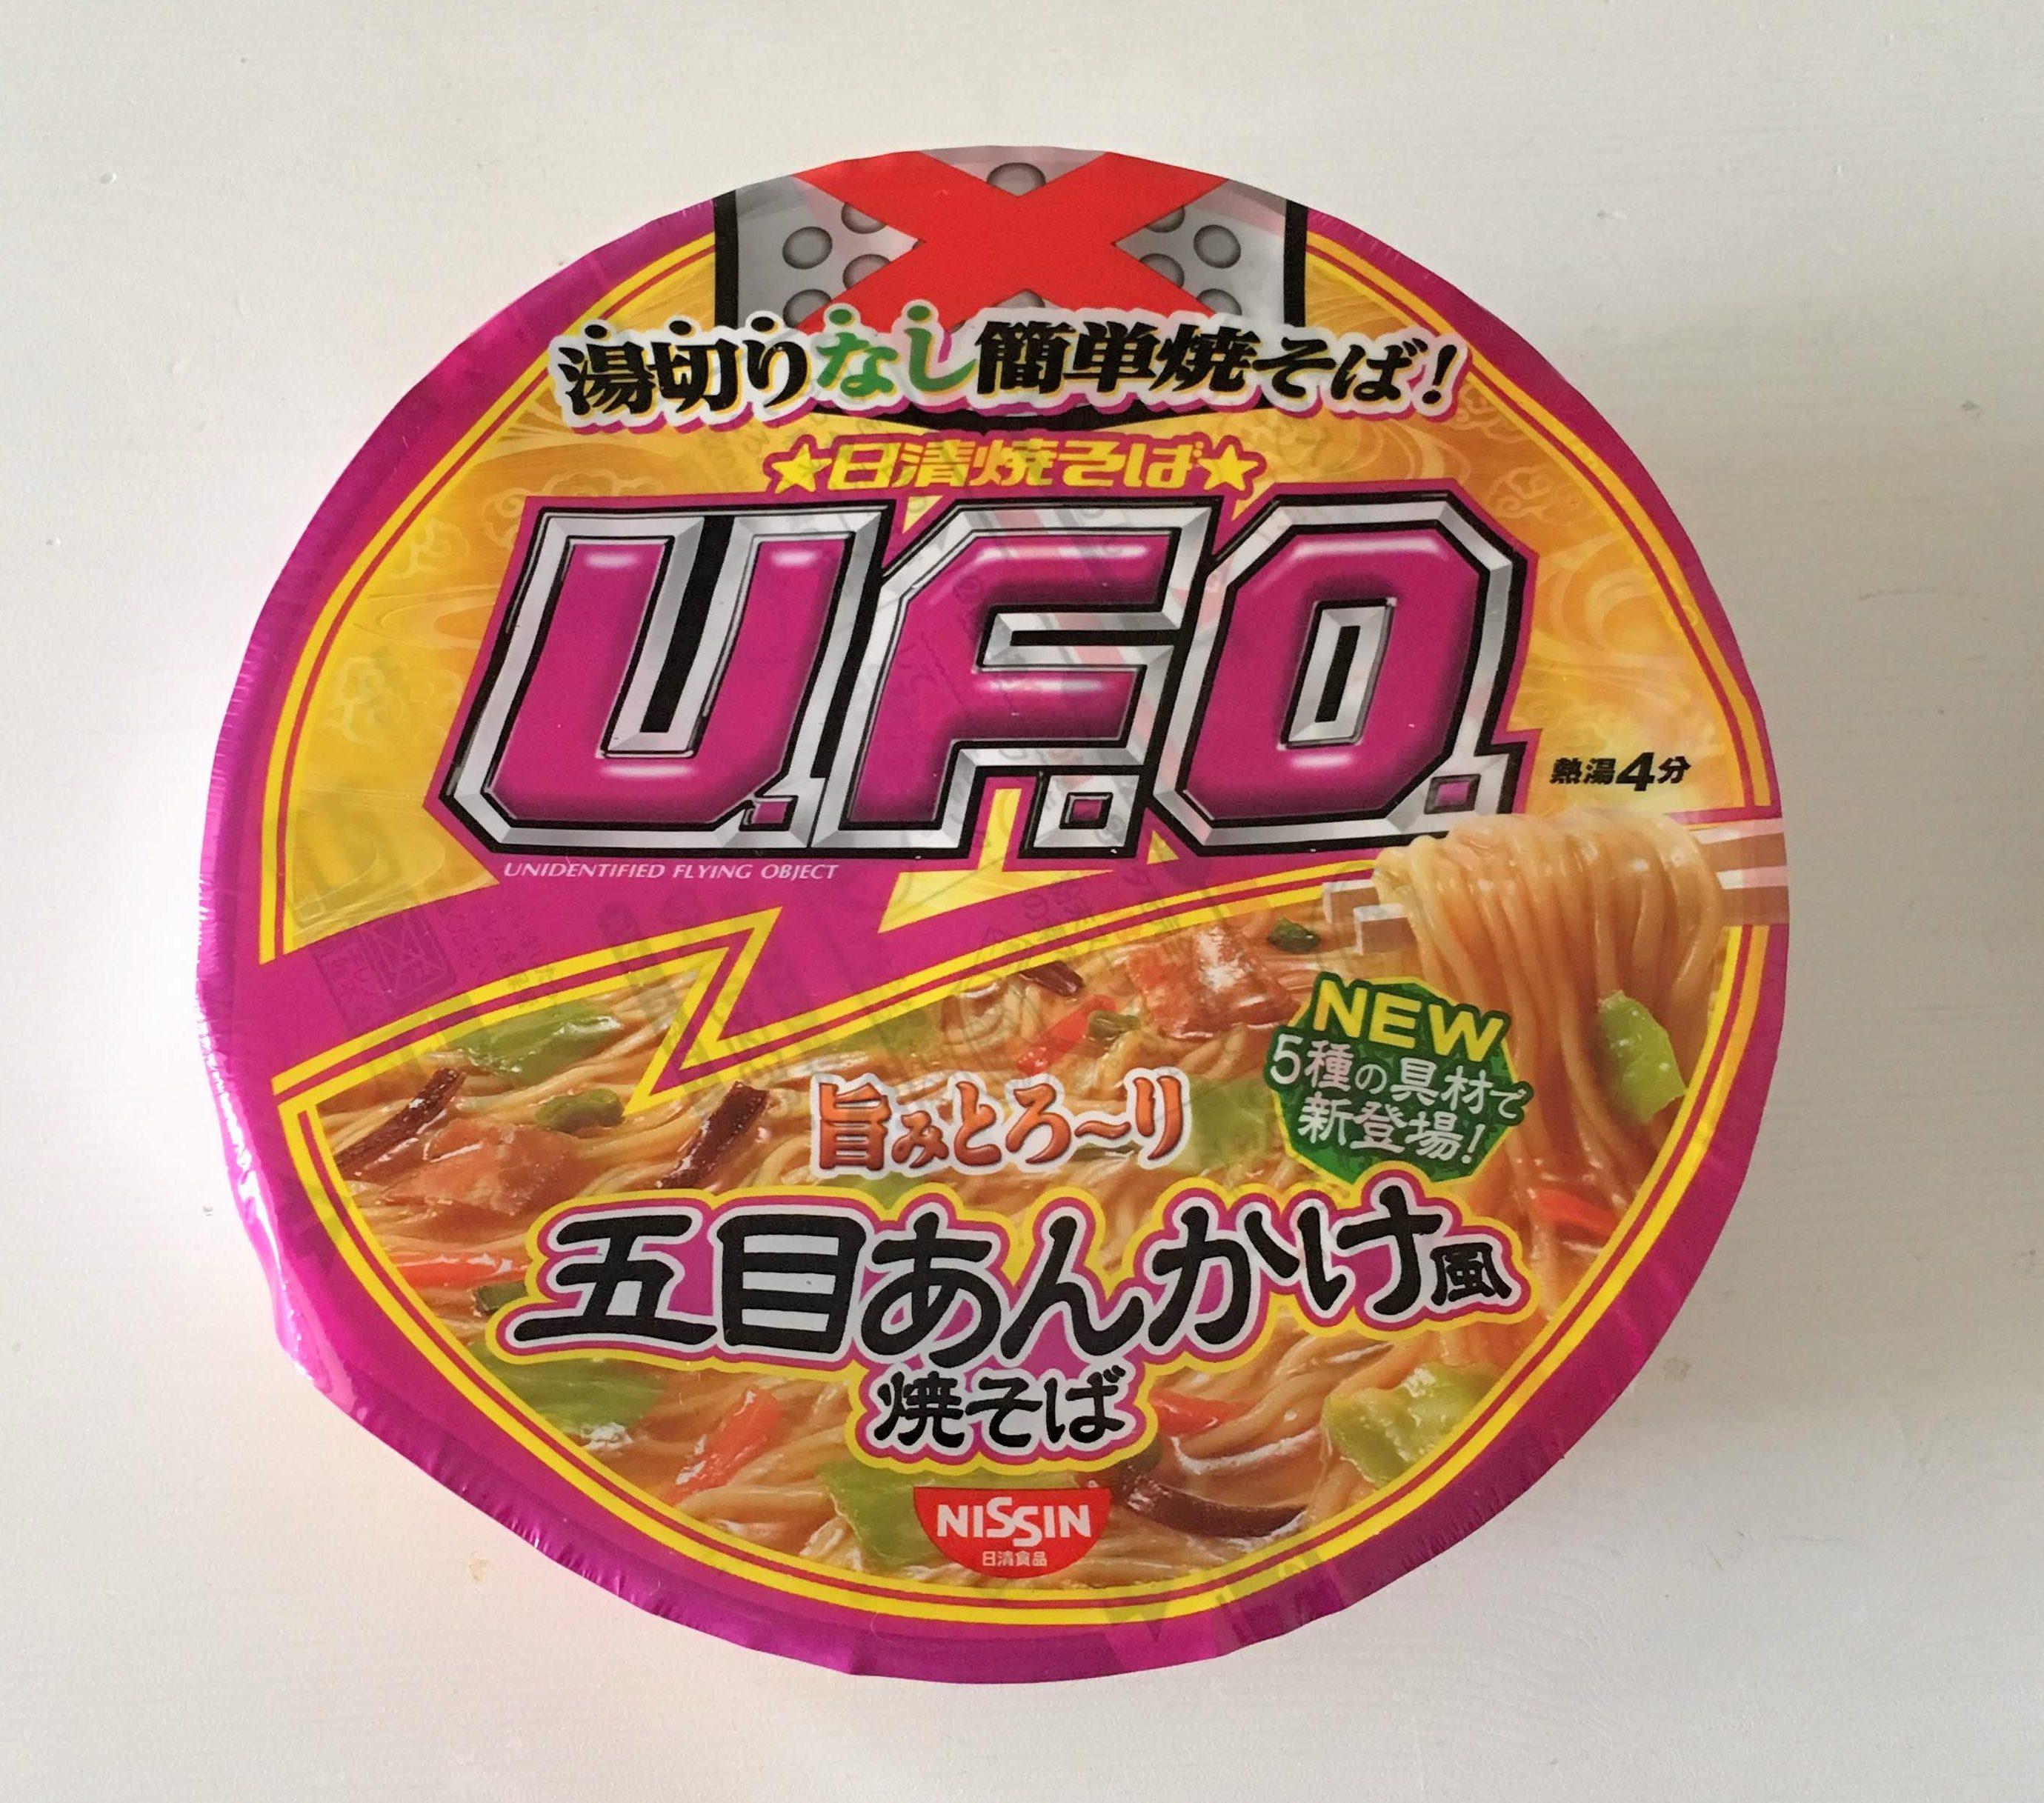 焼きそば ufo 由来